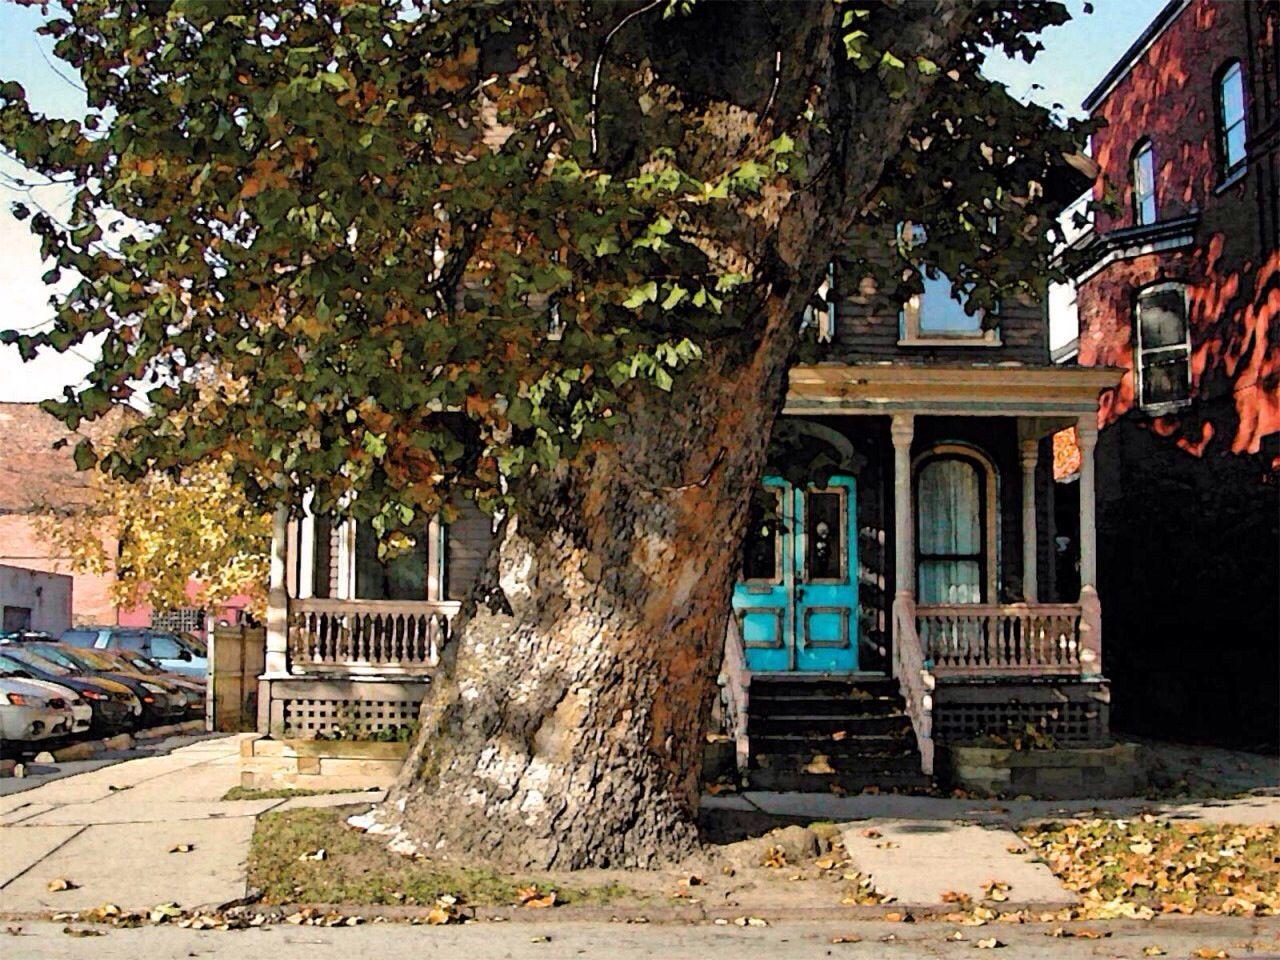 Oldest tree in Buffalo NY | BUFFALO NEW YORK and suburbs | Pinterest